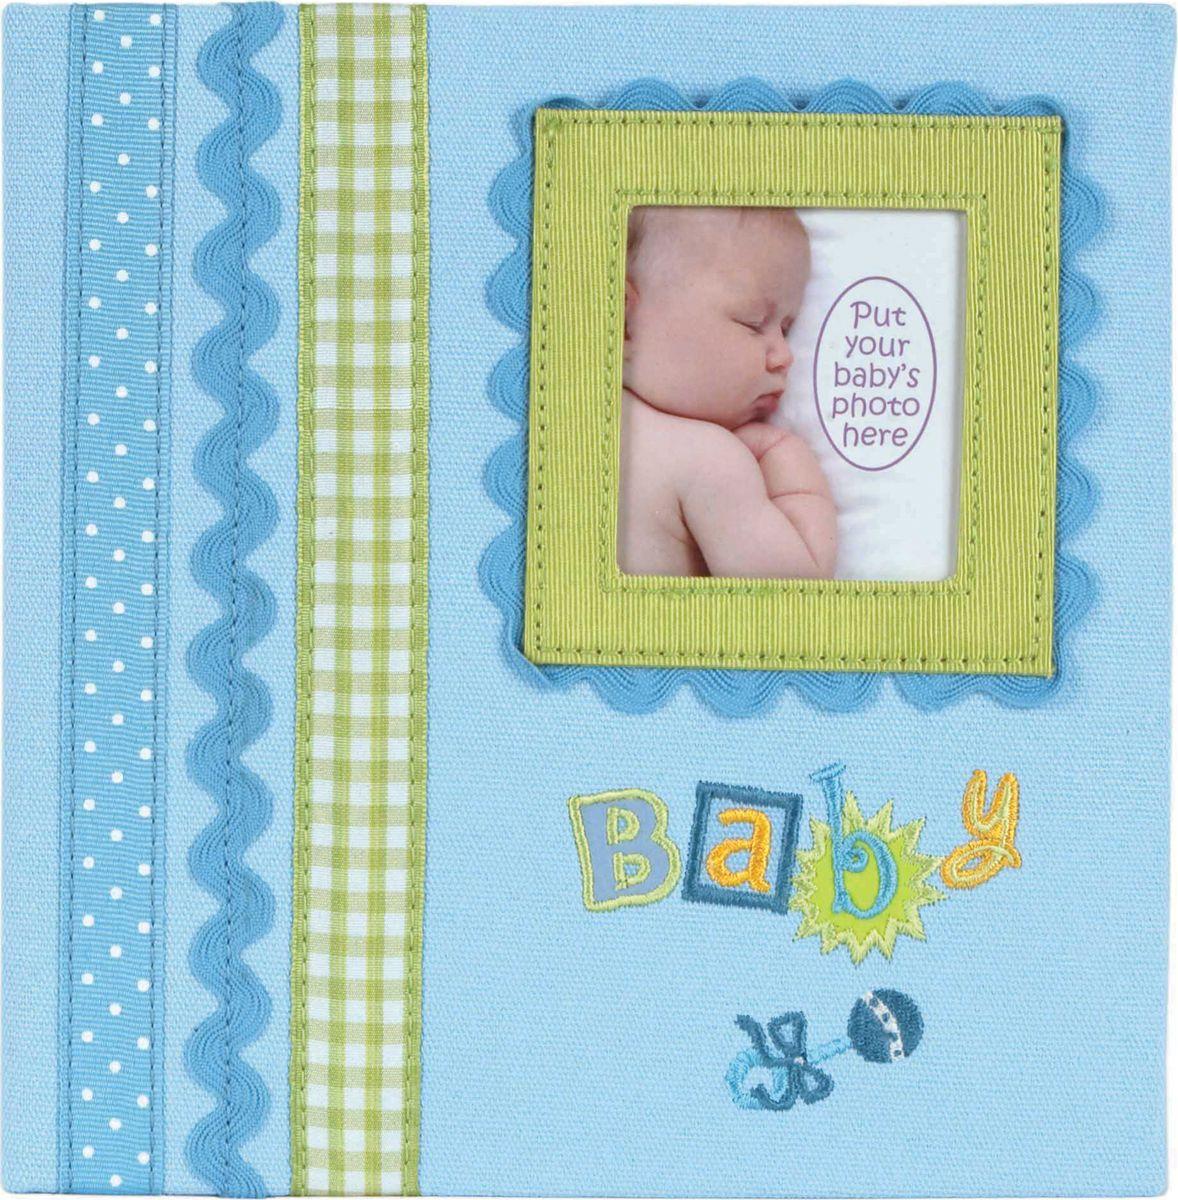 Фотоальбом Innova Baby Memories Blue Memo, цвет: голубой, 180 фотографий, 10 x 15 см фотоальбом platinum винтаж 2 300 фотографий 10 х 15 см